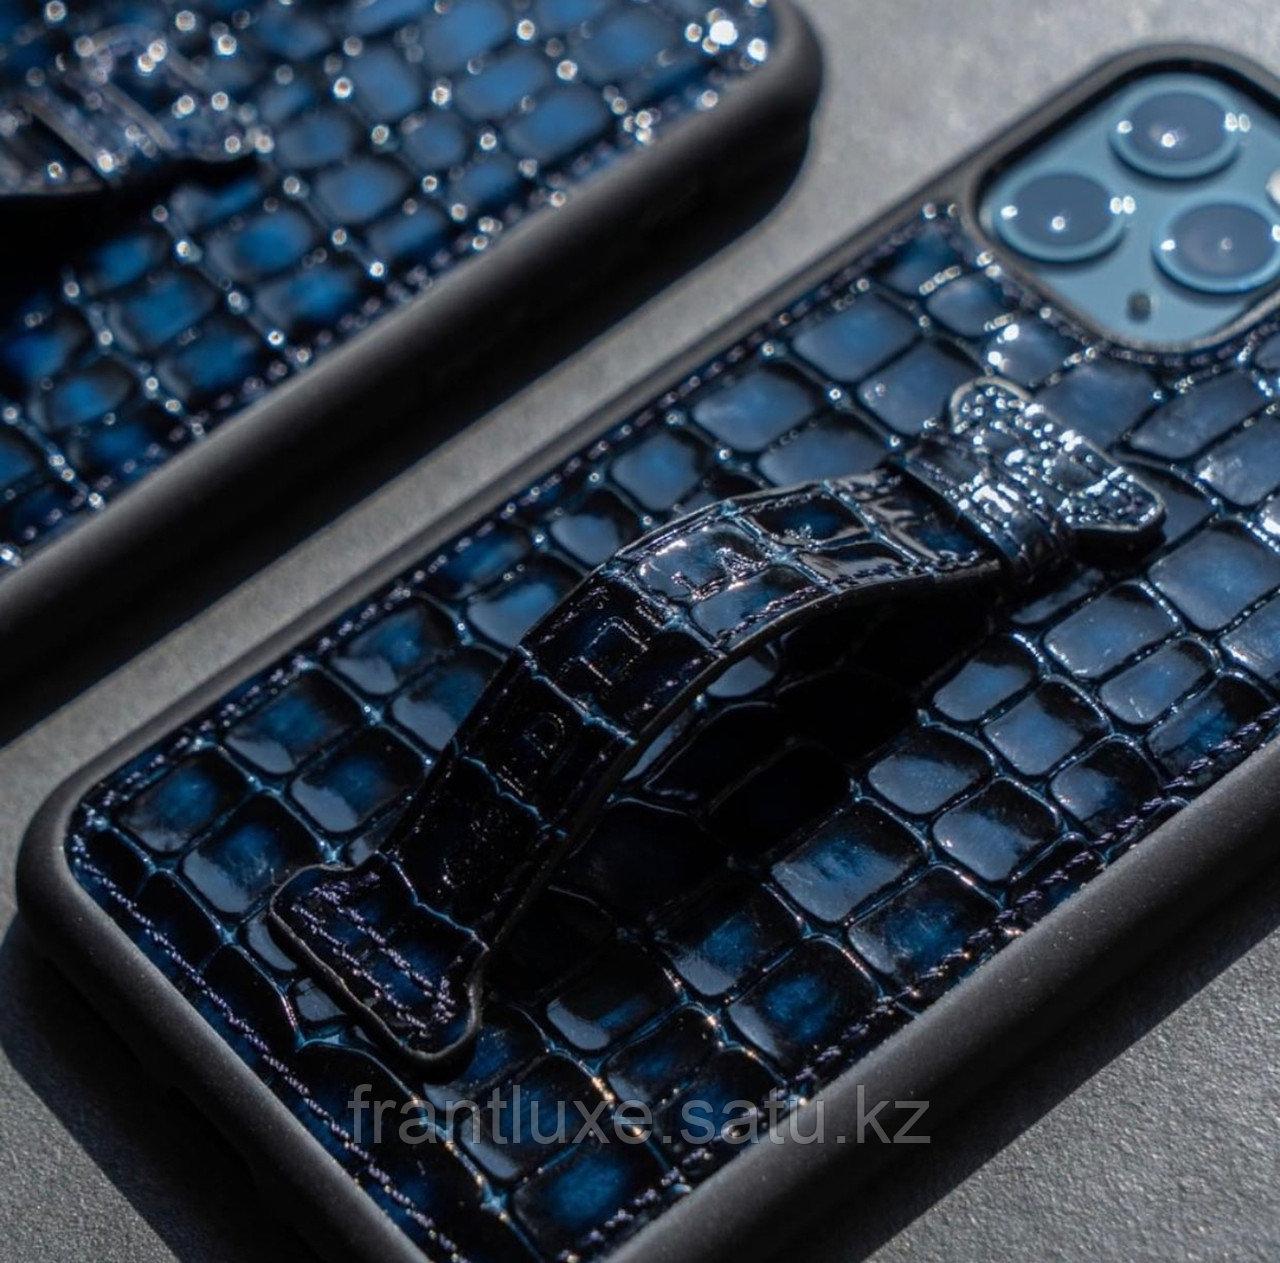 Чехол для телефона iPhone 12 Pro Max с ремешком-держателем синий - фото 7